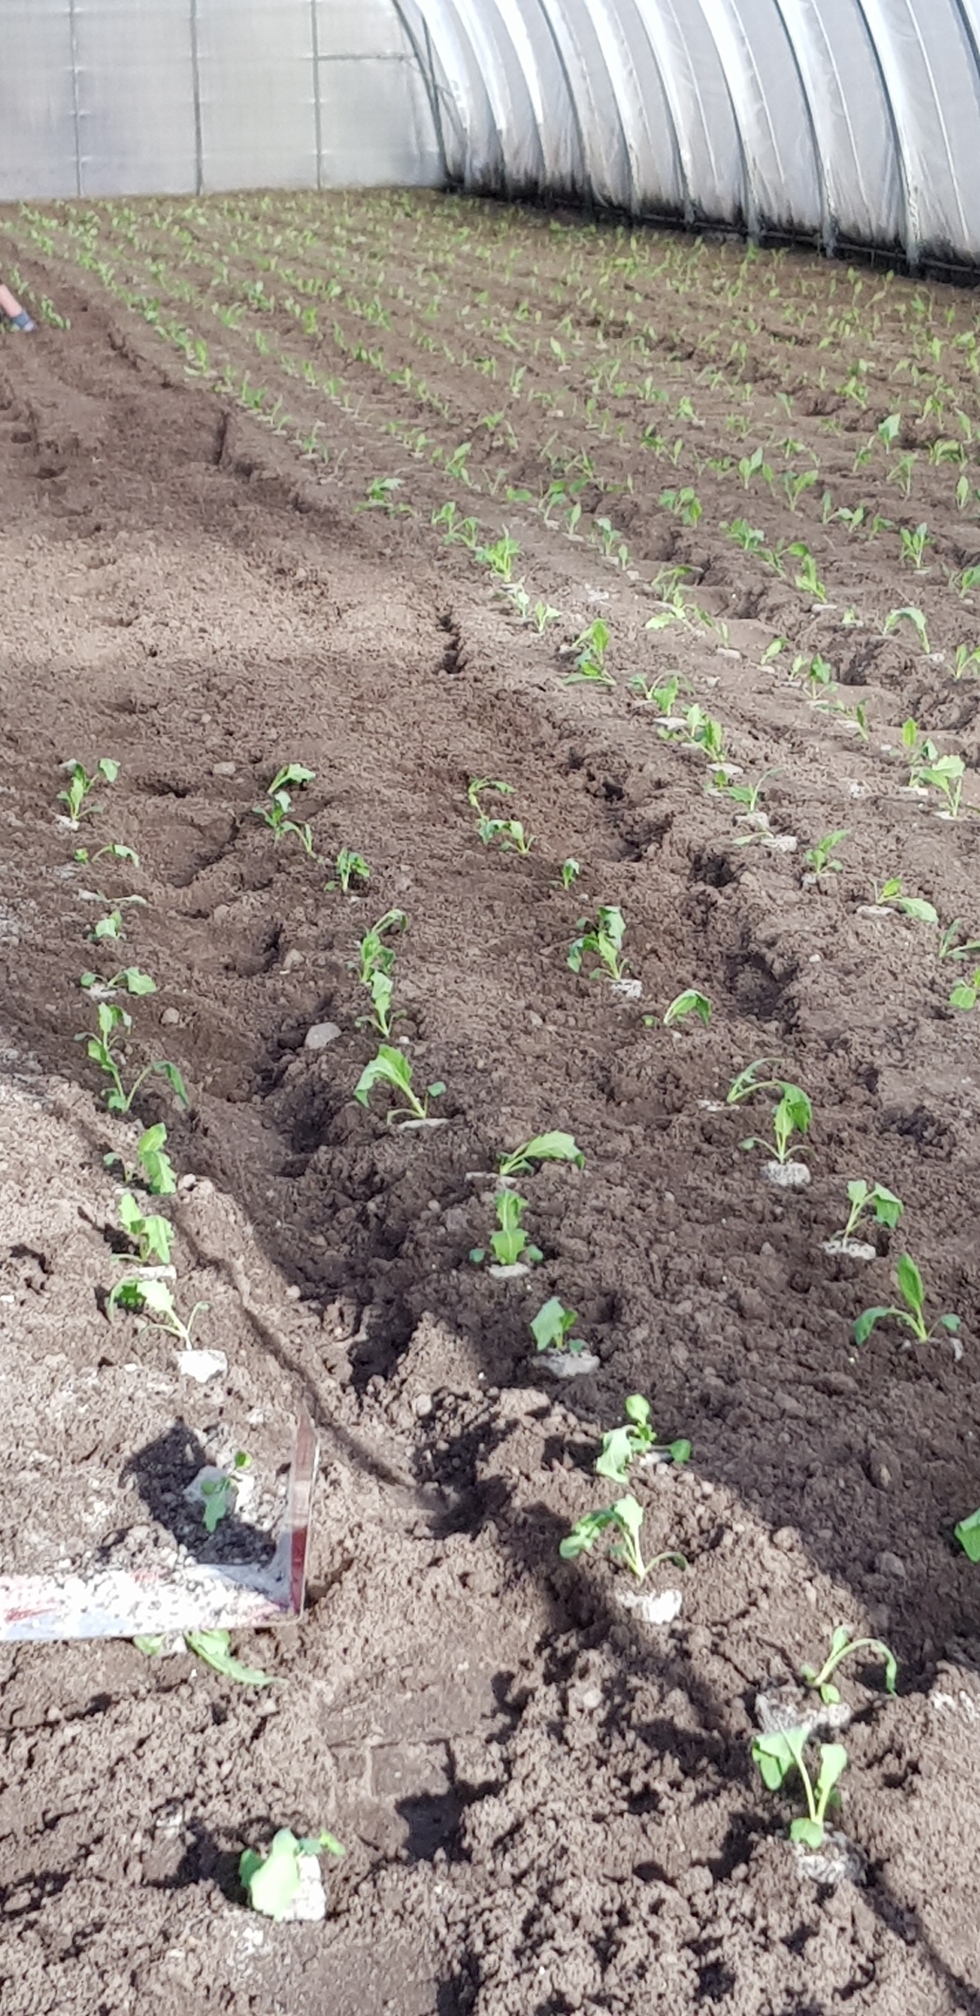 Soeben wird der erste Kohlrabie gepflanzt. Noch im Folienhaus da es Nachts noch zu kalt ist.